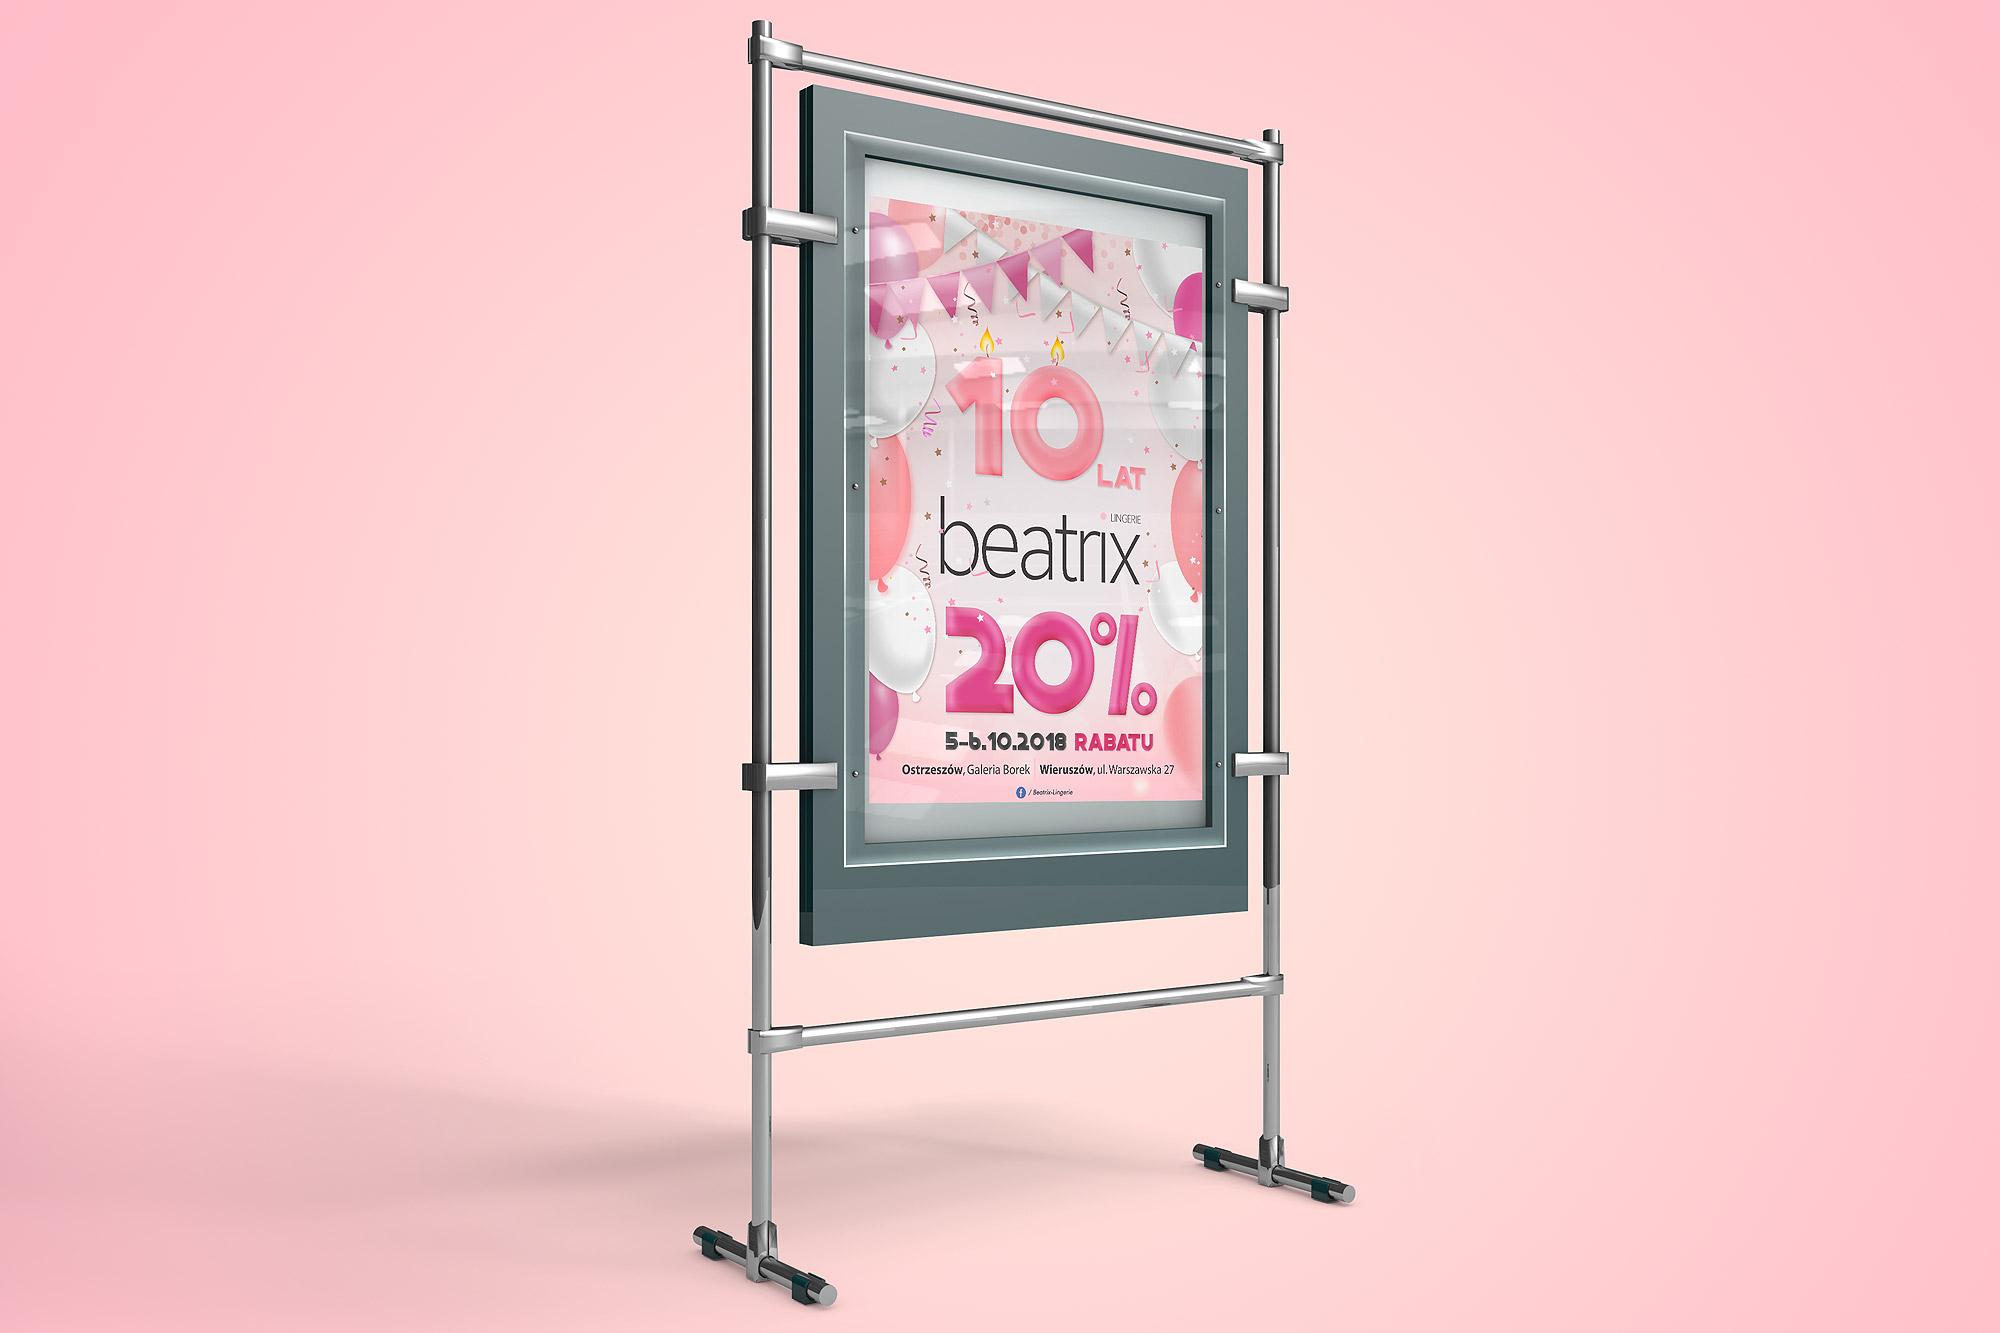 projektowanie plakatów , plakaty papierowe, plakaty a3, plakaty a2 a1 a0